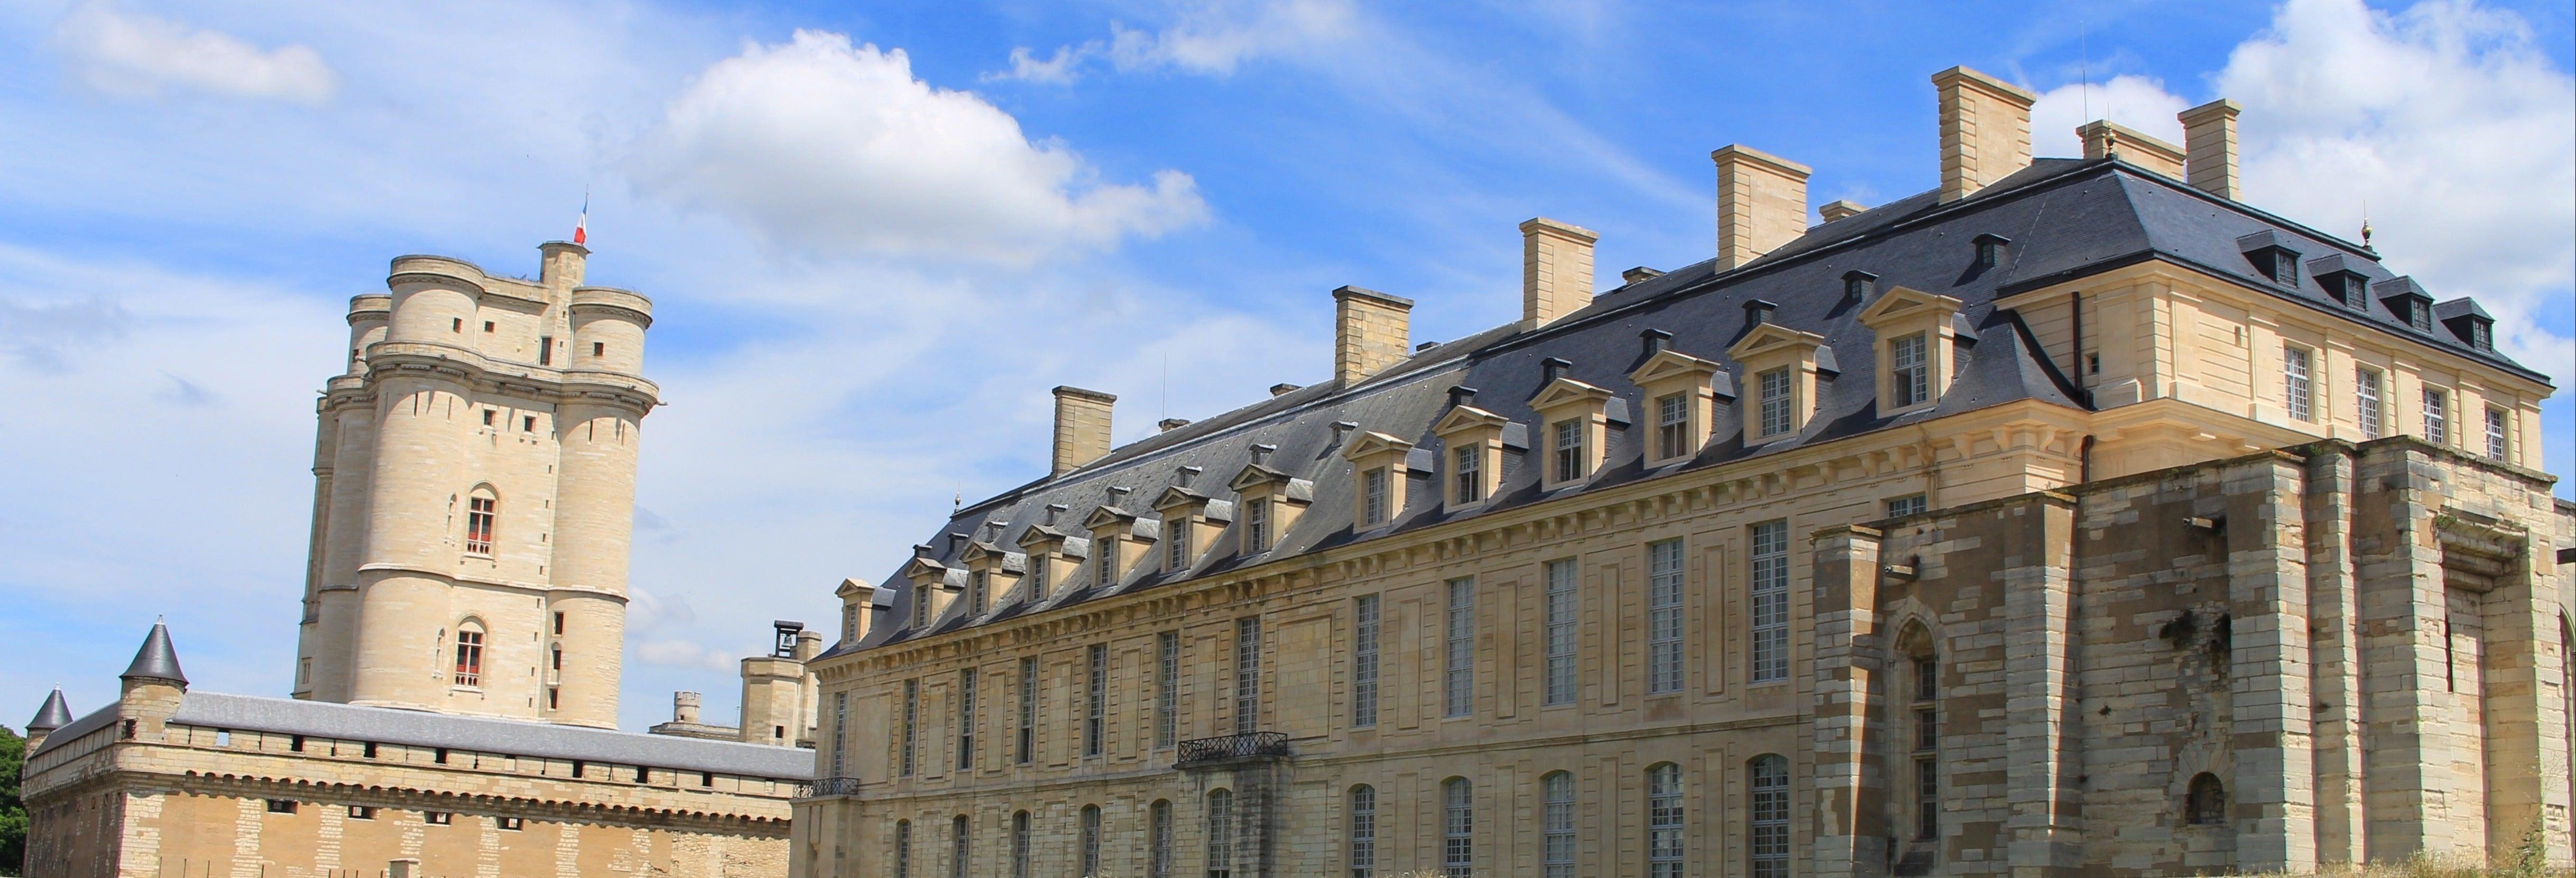 Biglietti salta fila per il Castello di Vincennes